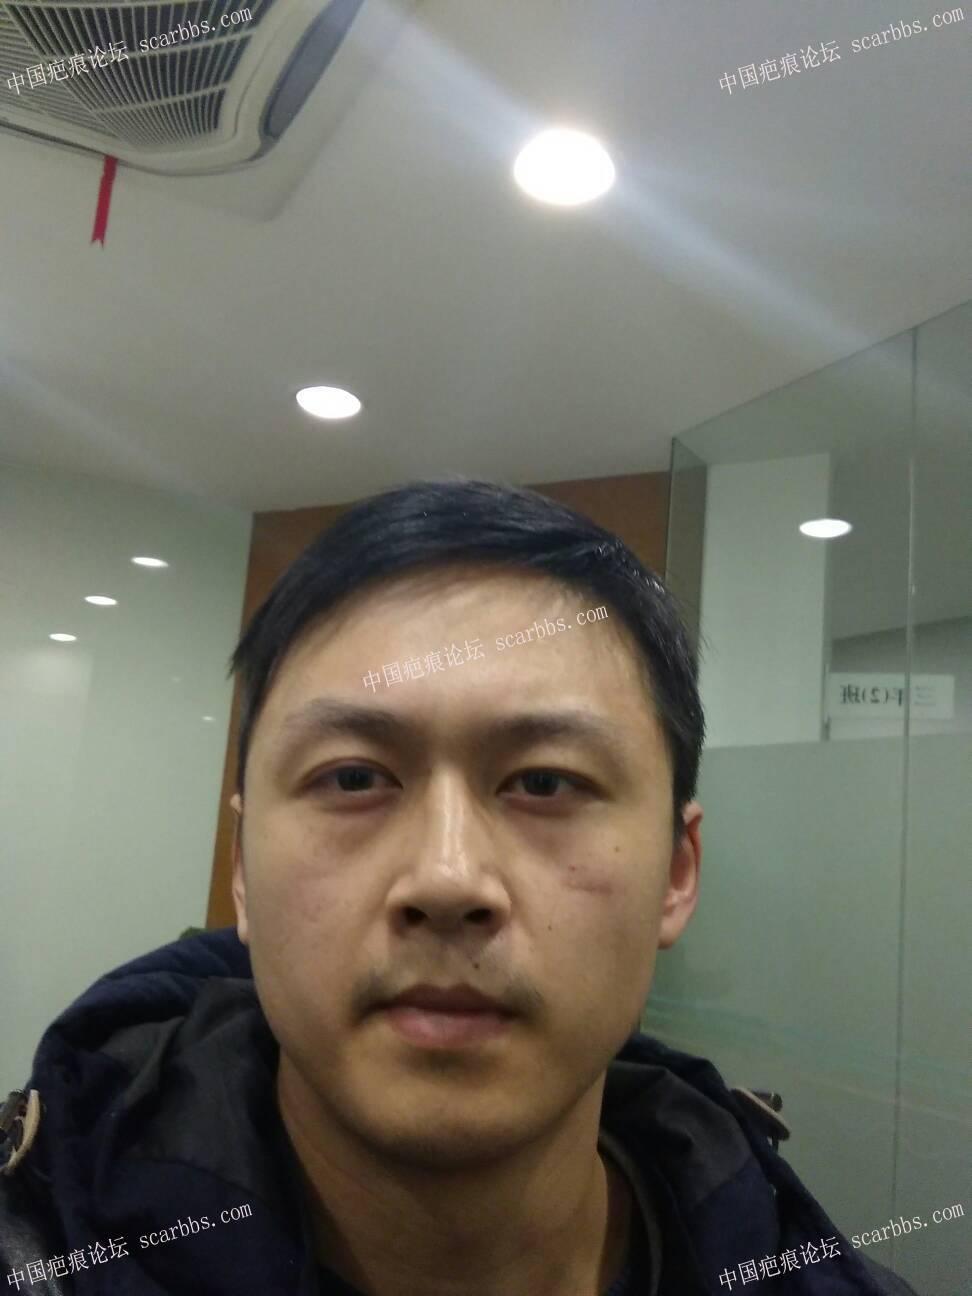 打篮球被肘子打破脸,颧部2cm伤口72-疤痕体质图片_疤痕疙瘩图片-中国疤痕论坛